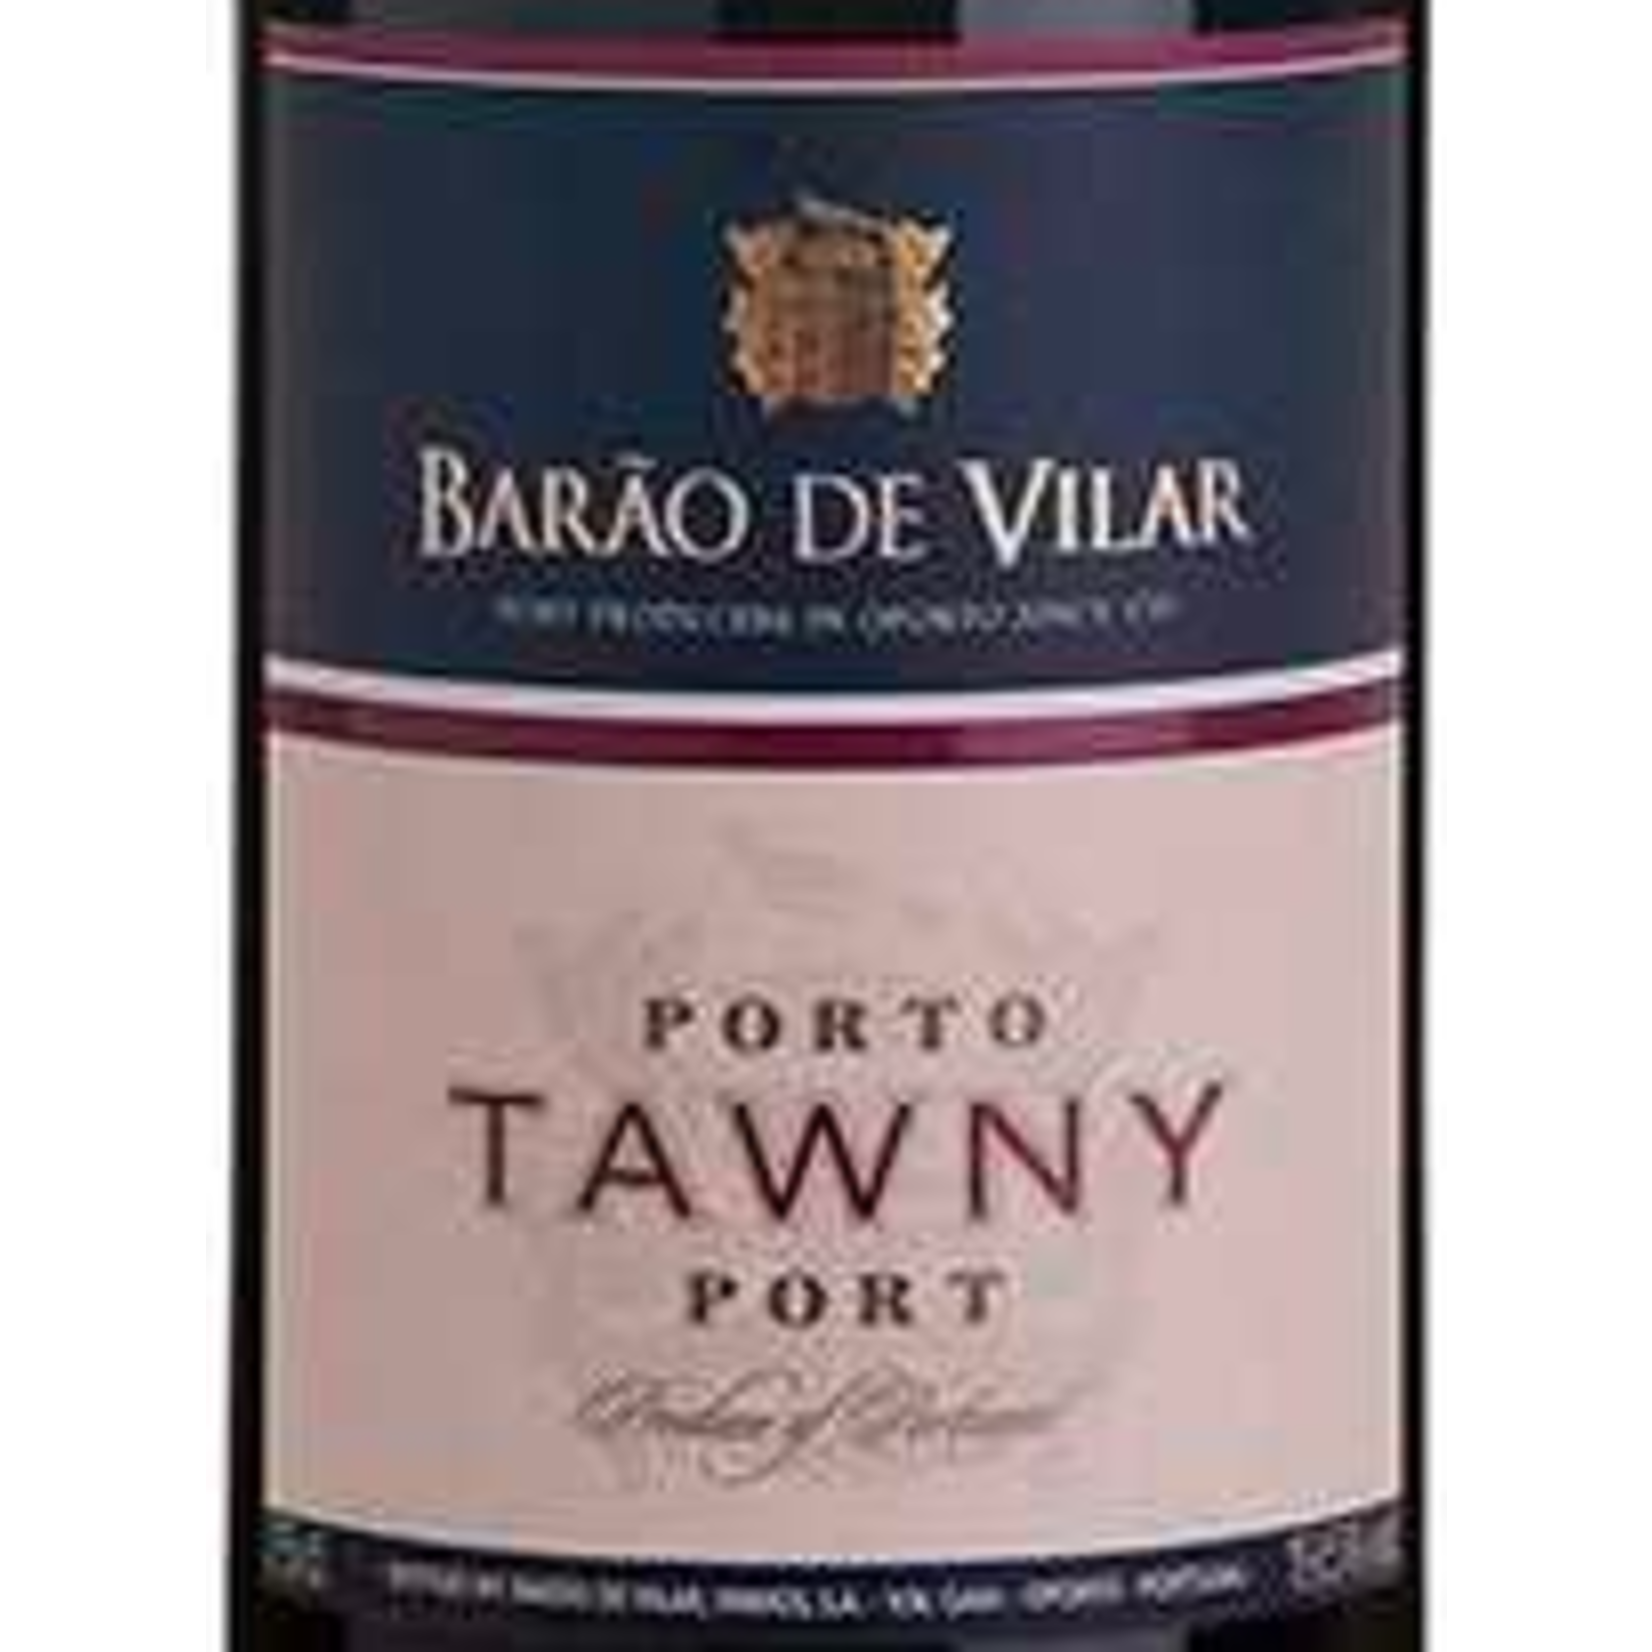 Barao De Vilar Barao De Vilar Tawny Port  Douro, Portugal